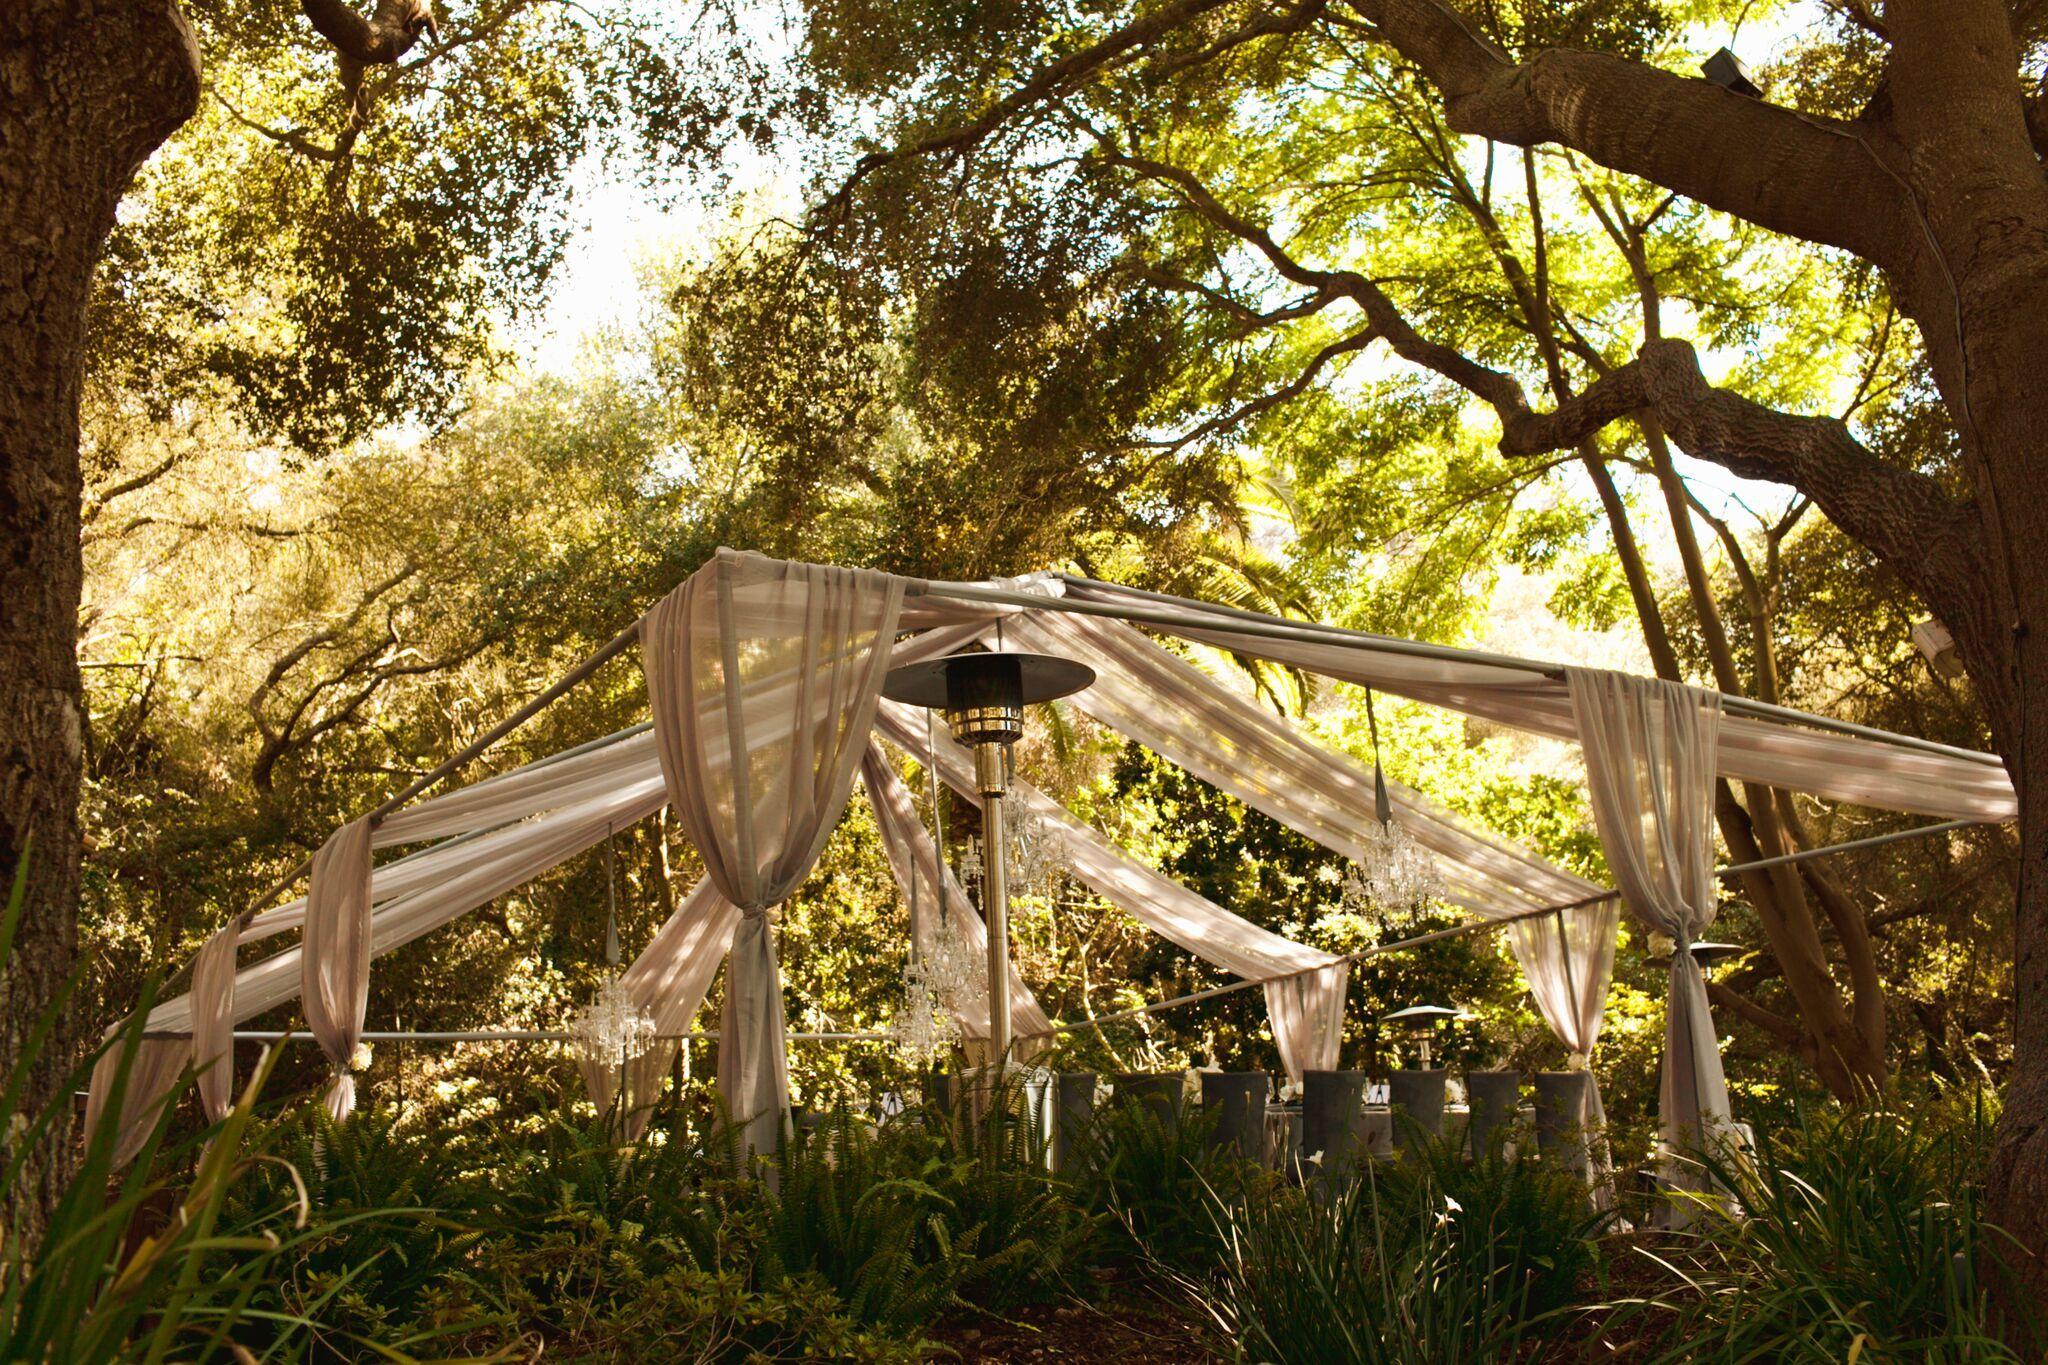 Amongst The Trees Golden Door Spa In San Diego San Marcos Ca Weddings Wedding Venue Golden Door Spa Outdoor Garden Arch